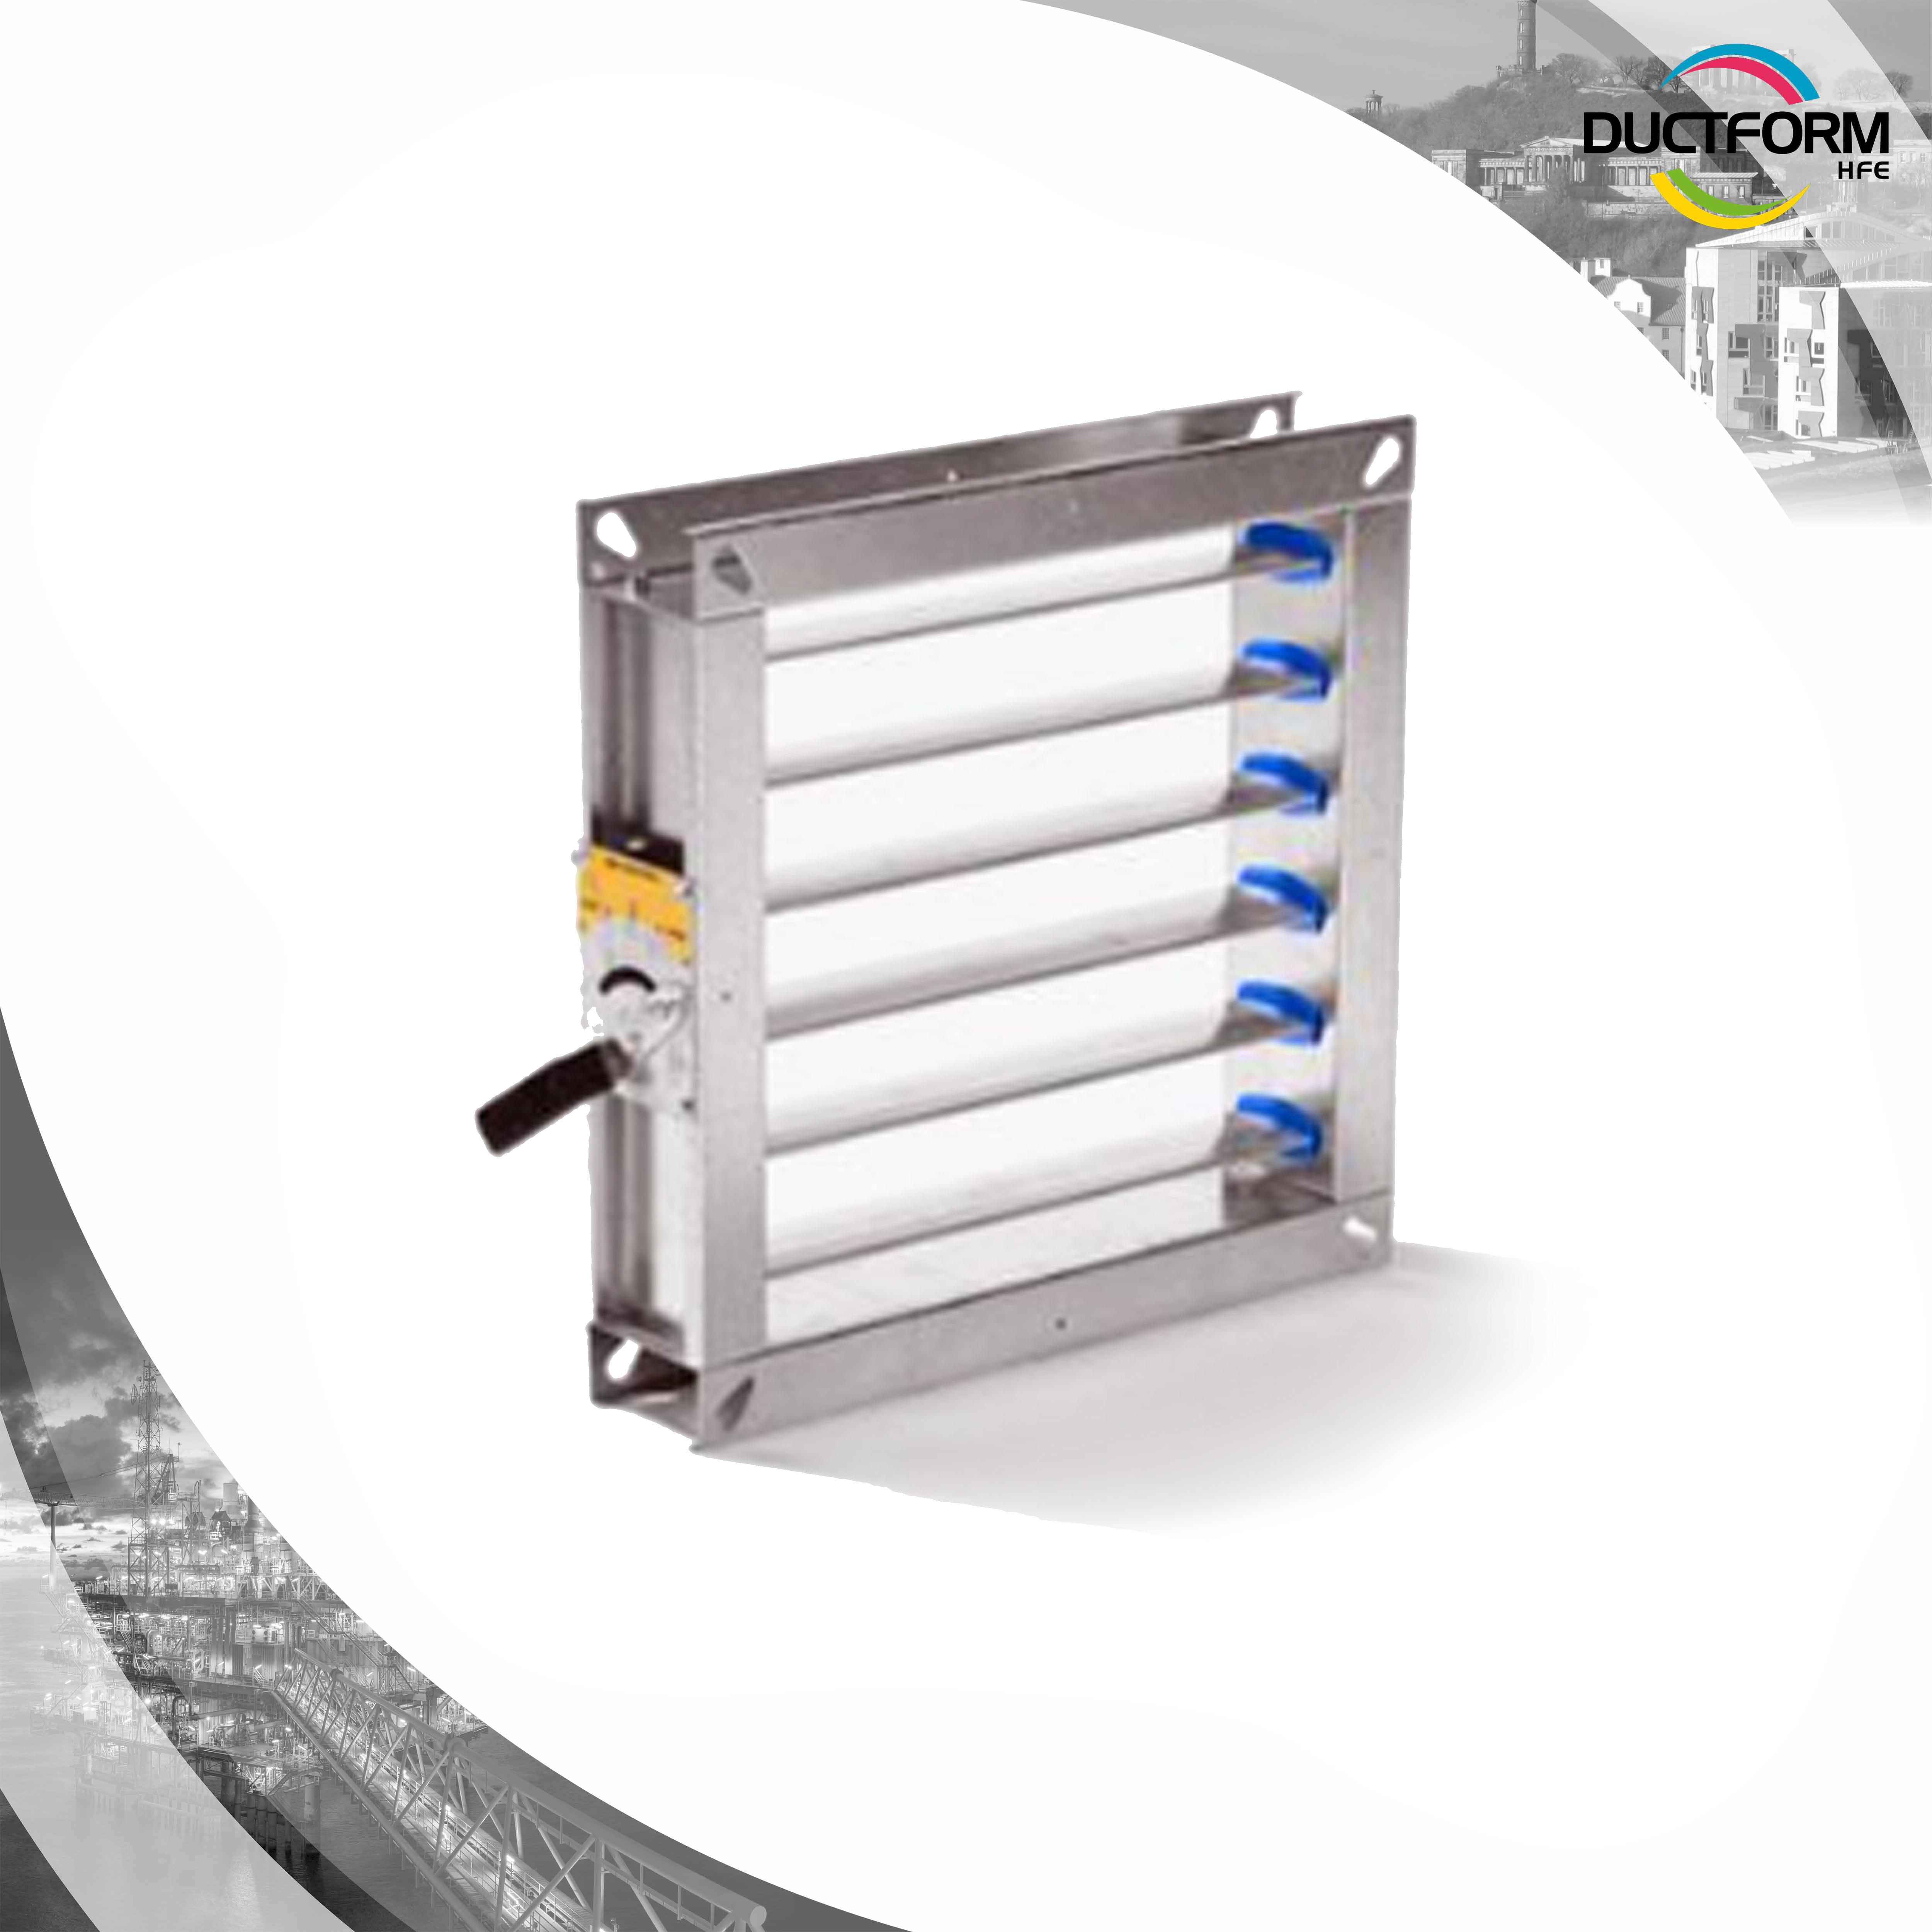 Ducting Rectangular Volume Control Damper